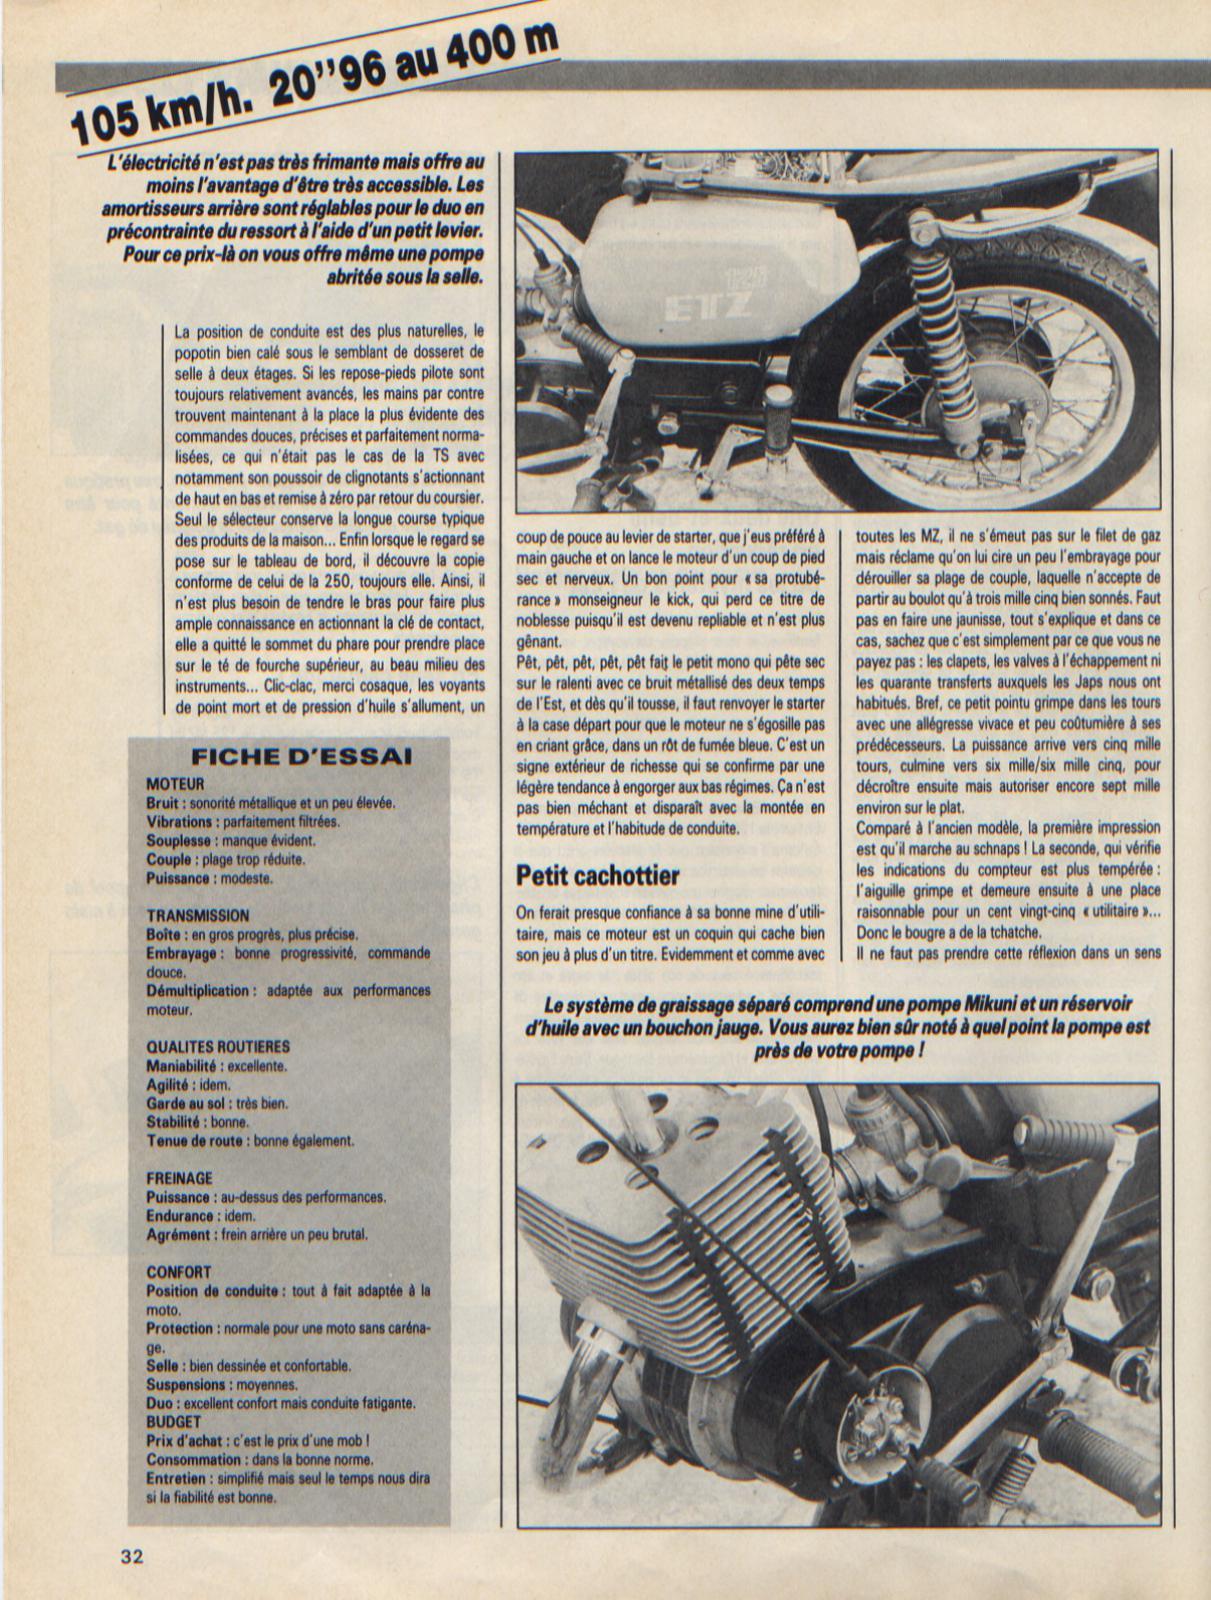 essai moto journal 1986 125 etz 668477Scan5